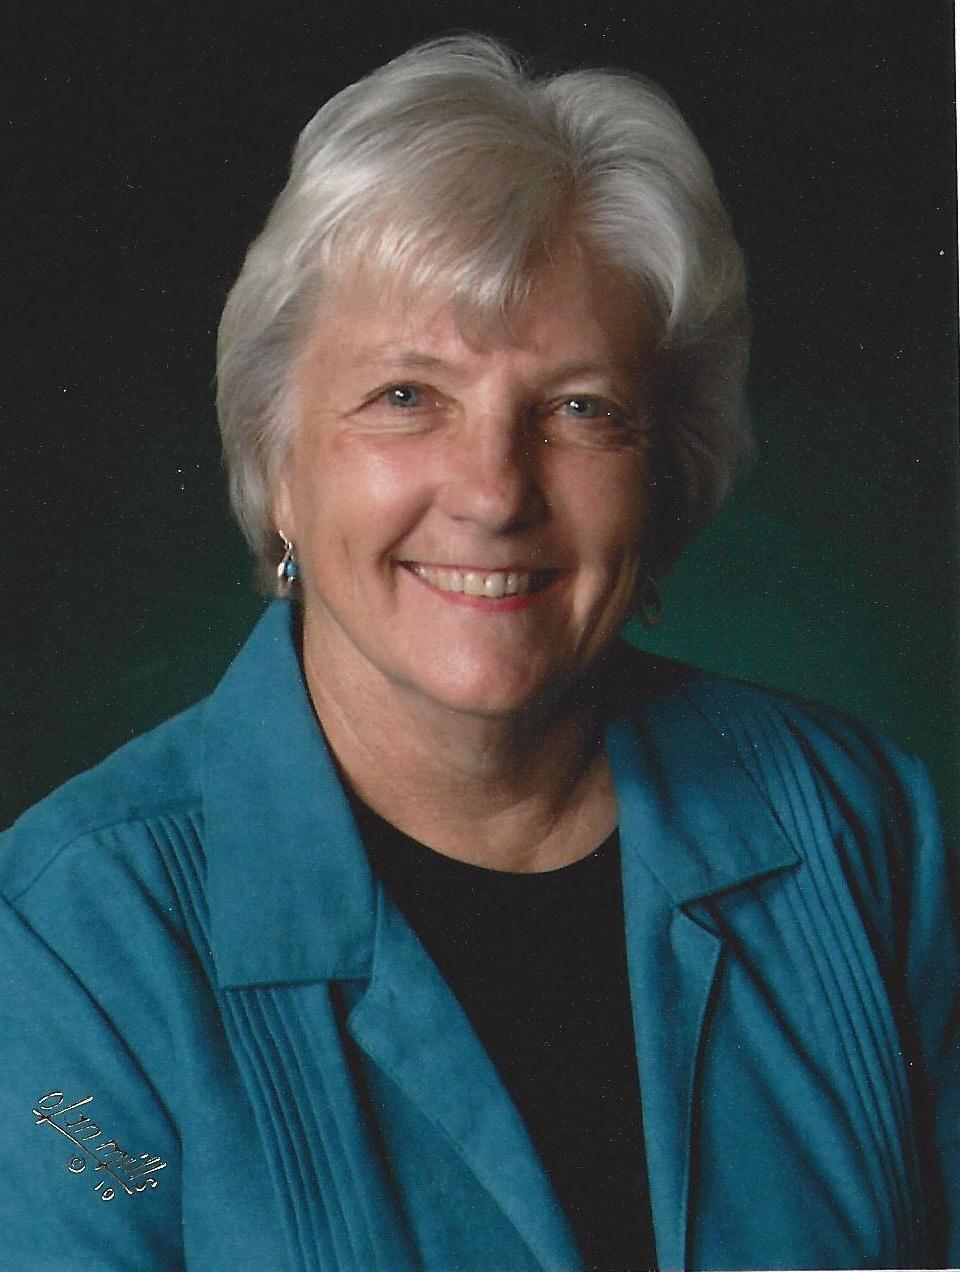 Helen Dowdy